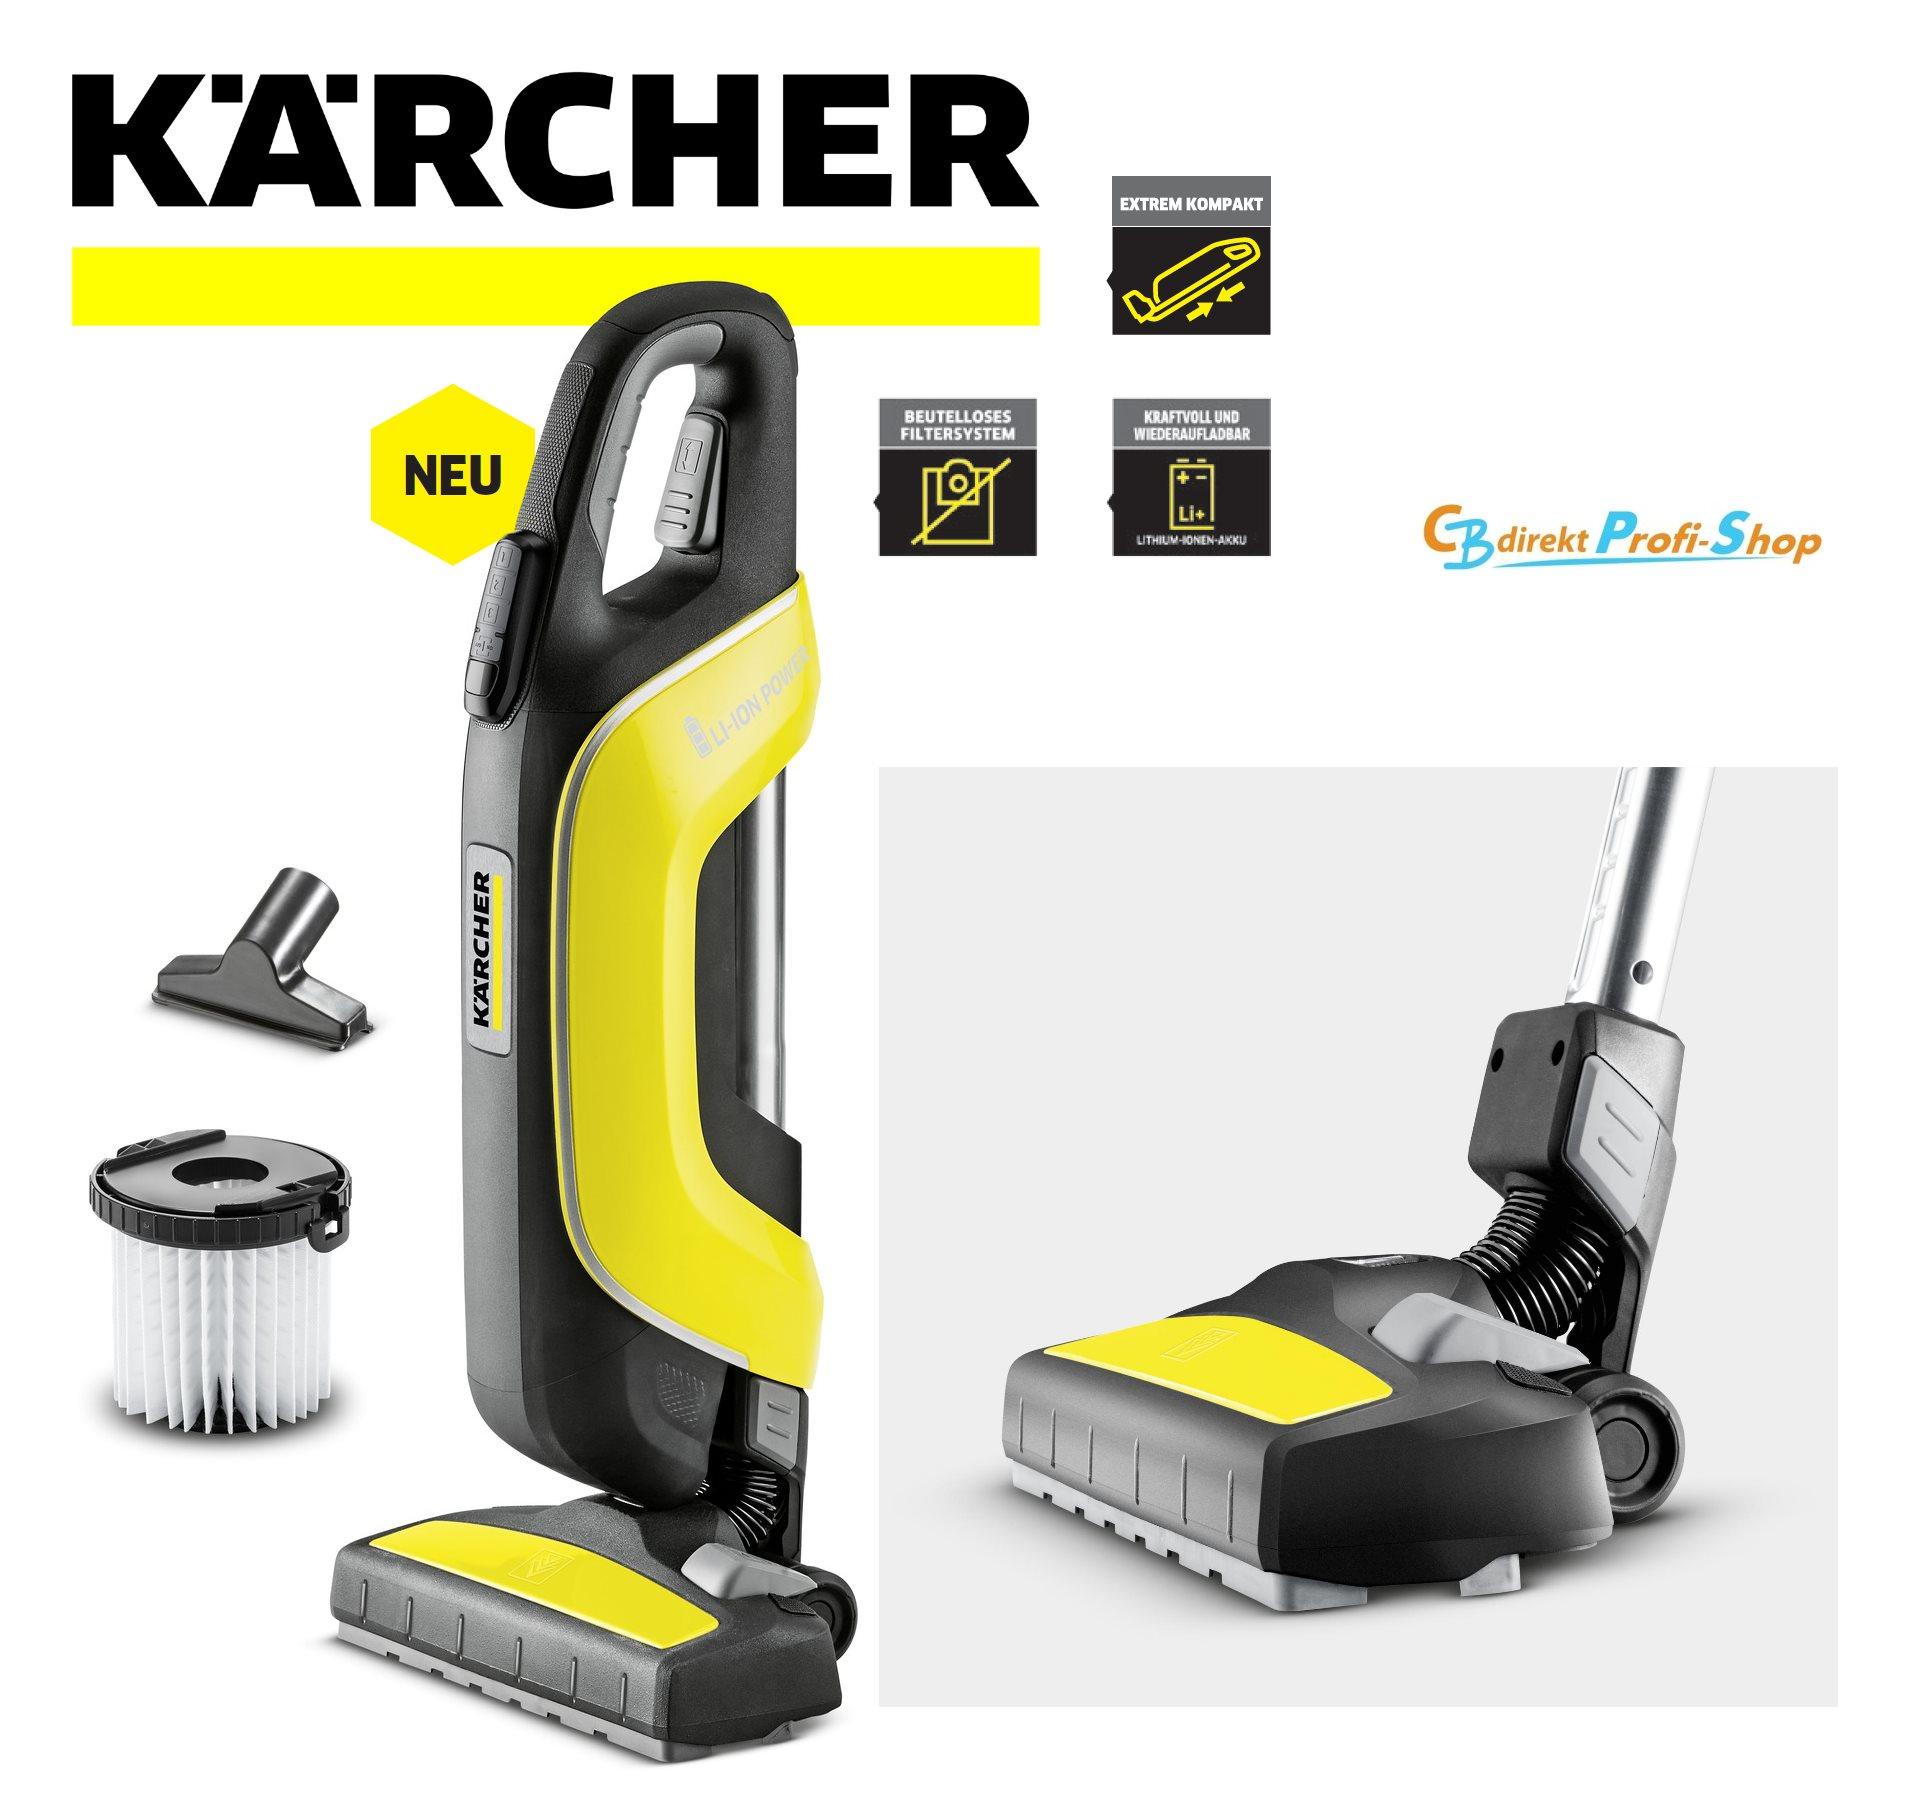 Kärcher VC 5 Cordless Neuheit 2018